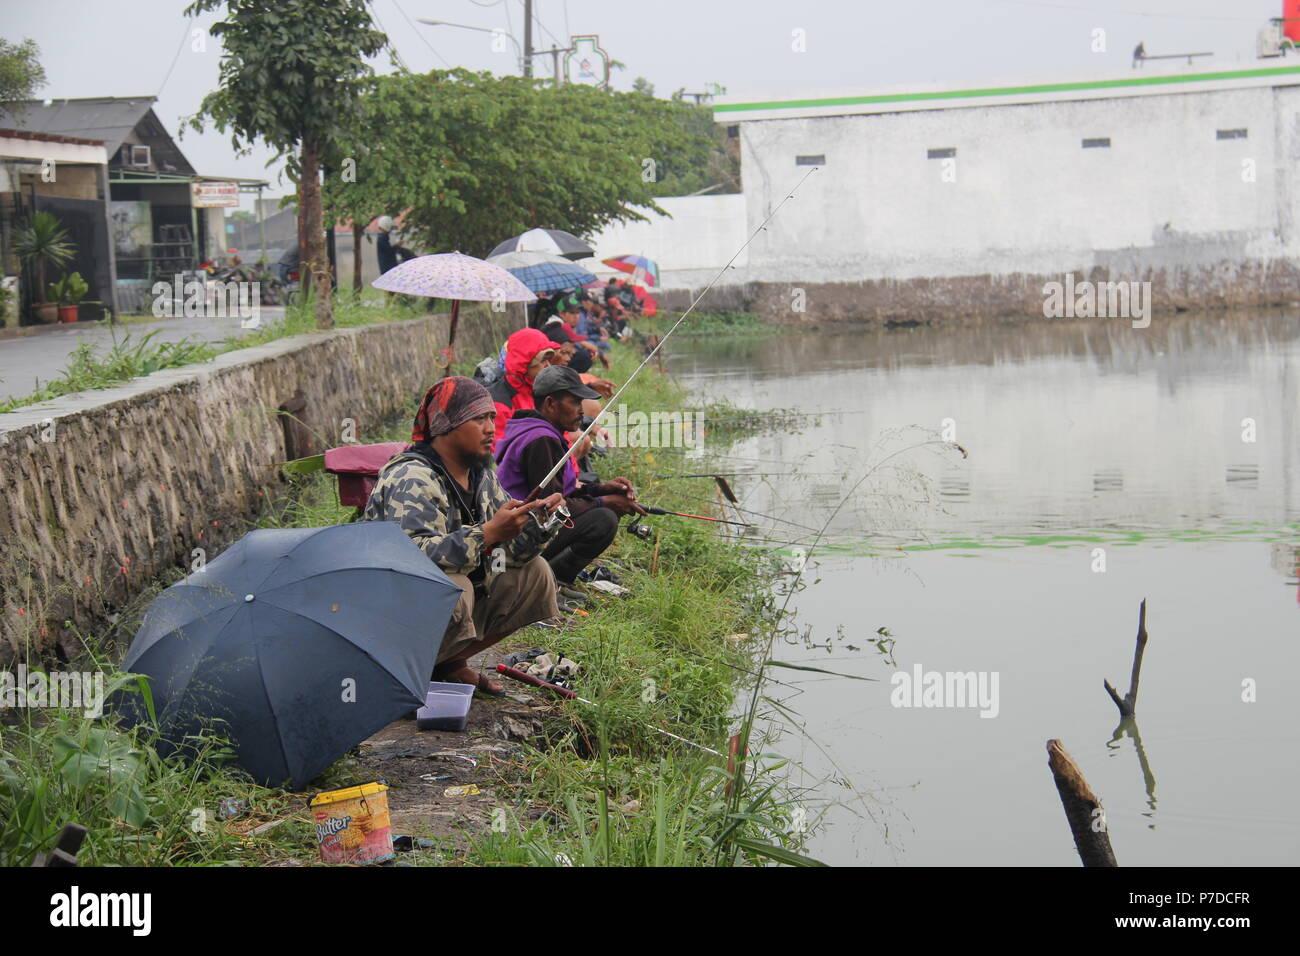 Les gens de la pêche dans un étang près de l'habitation à Bandung, Indonésie. Photo Stock